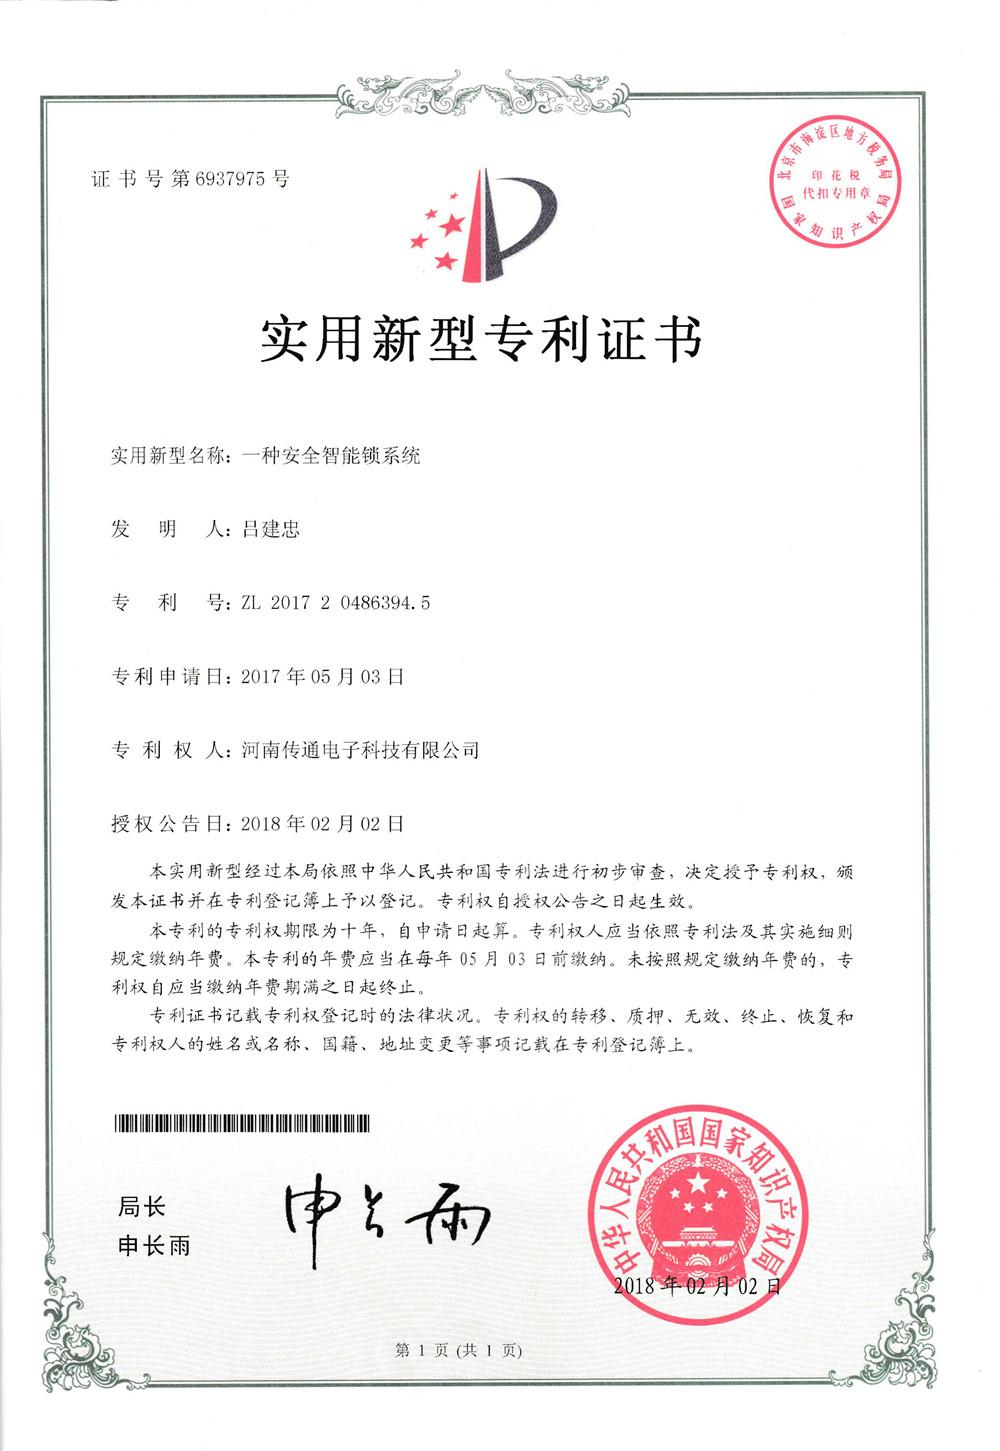 一種安全智能鎖系統-實用新型專利證書